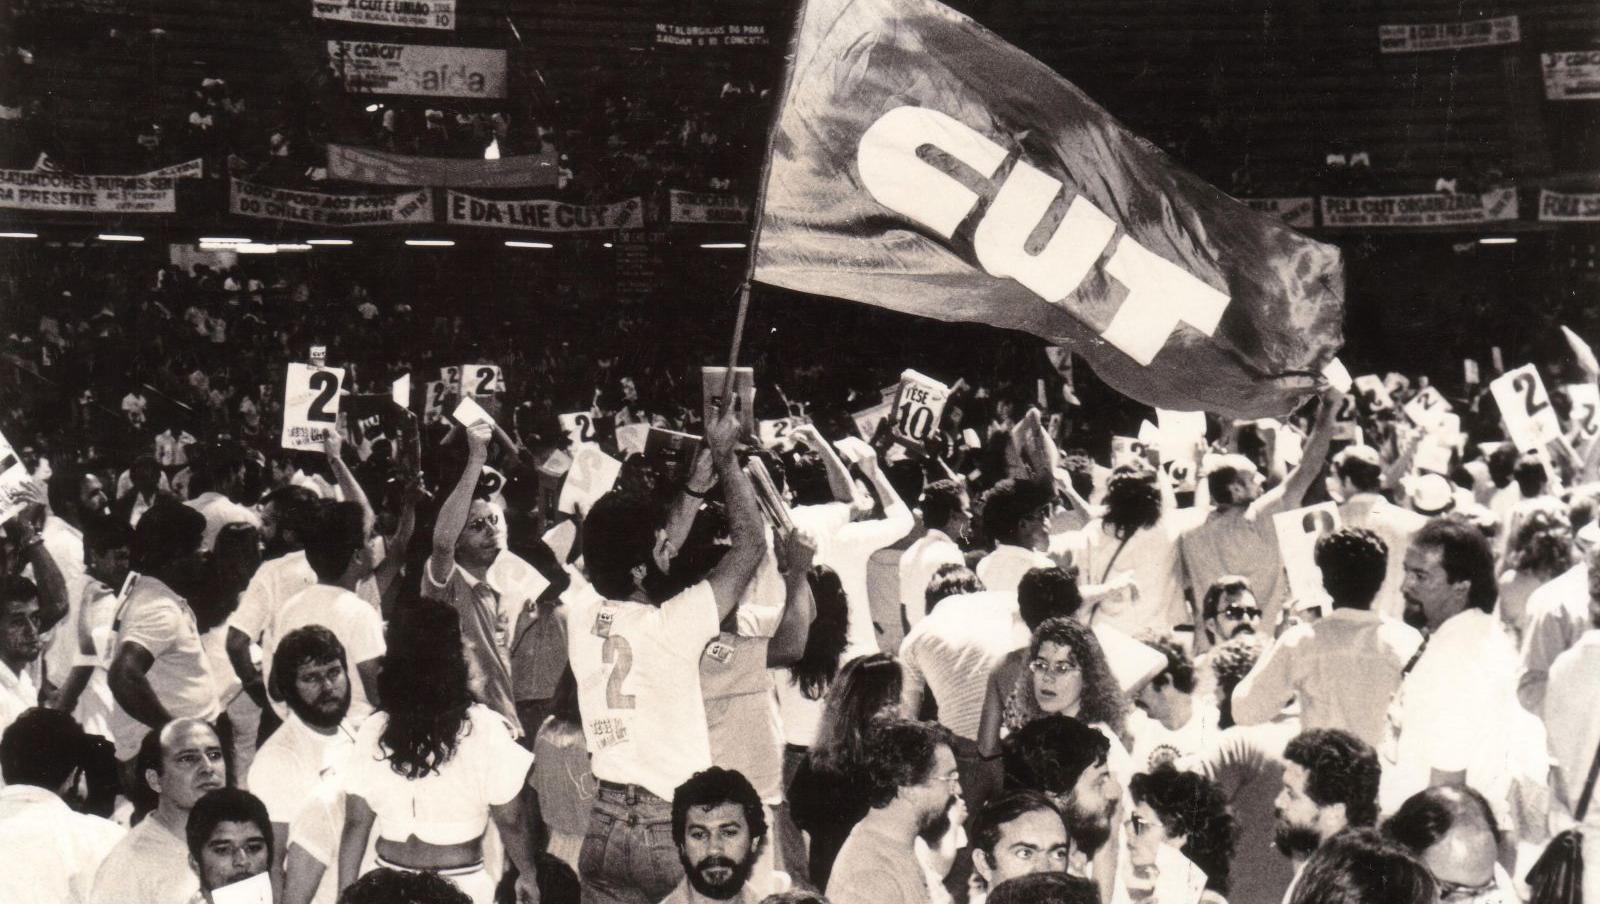 Lugares de Memória dos Trabalhadores #62: Ginásio Mineirinho, Belo Horizonte (MG) – Roberto Véras de Oliveira